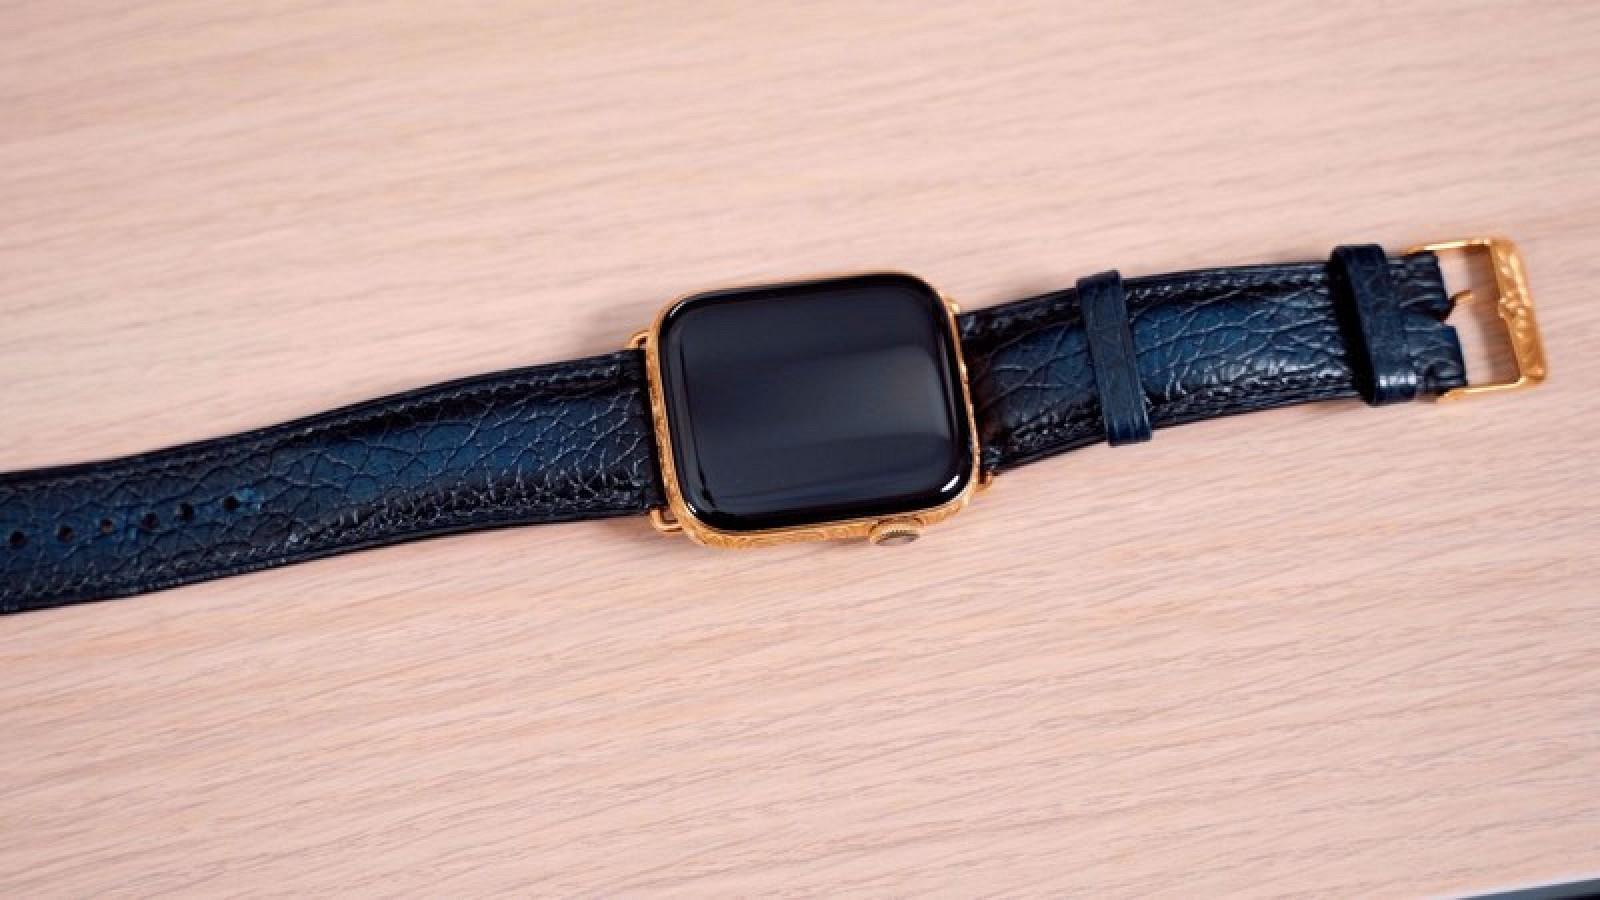 Chiêm ngưỡng Apple Watch Series 4 phiên bản mạ vàng có giá 2.200 USD hình 6